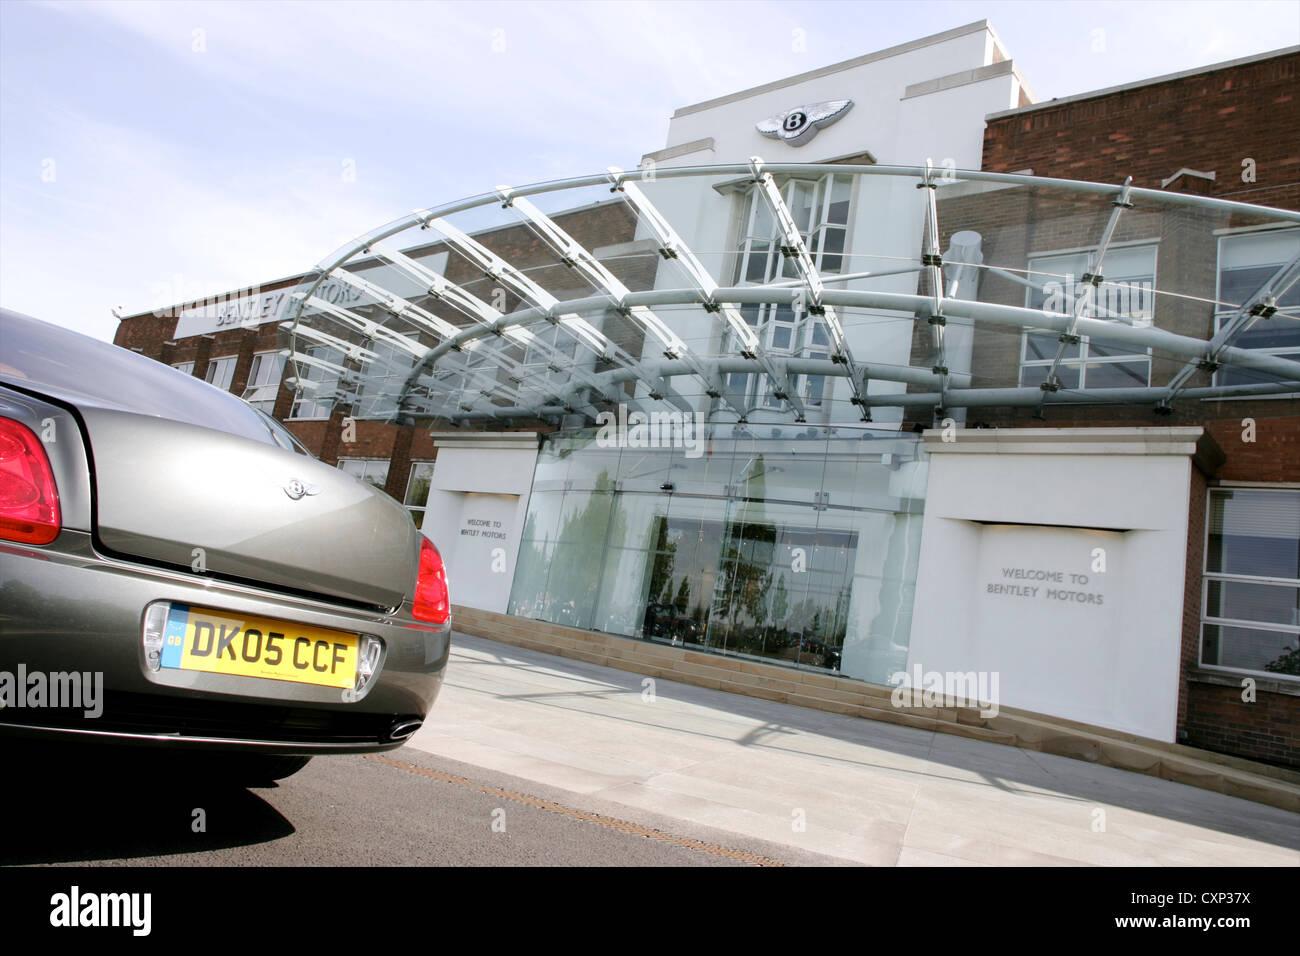 Bentley Continental Flying Spur outside Bentley Motors Crewe UK - Stock Image